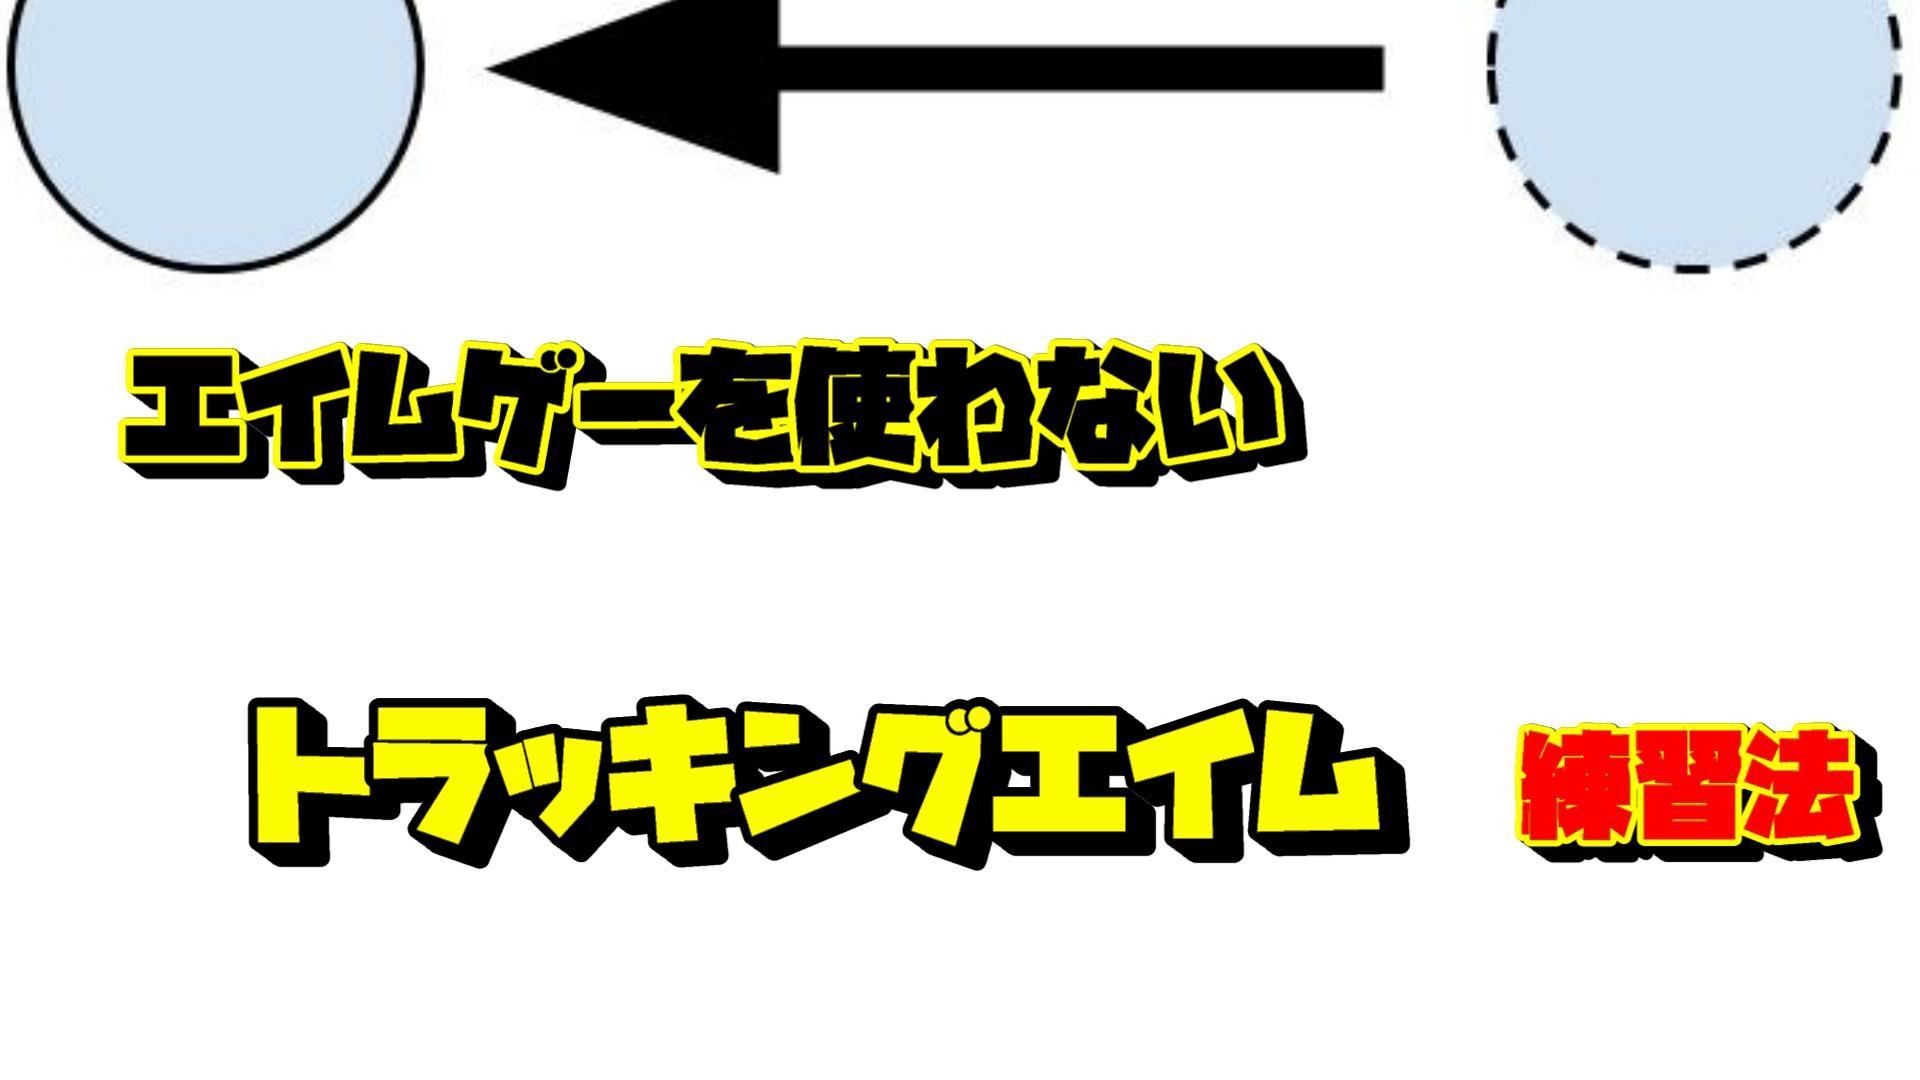 エイムゲーを使わないトラッキング(追いエイム)練習法【PS4,switch,スマホ対応】